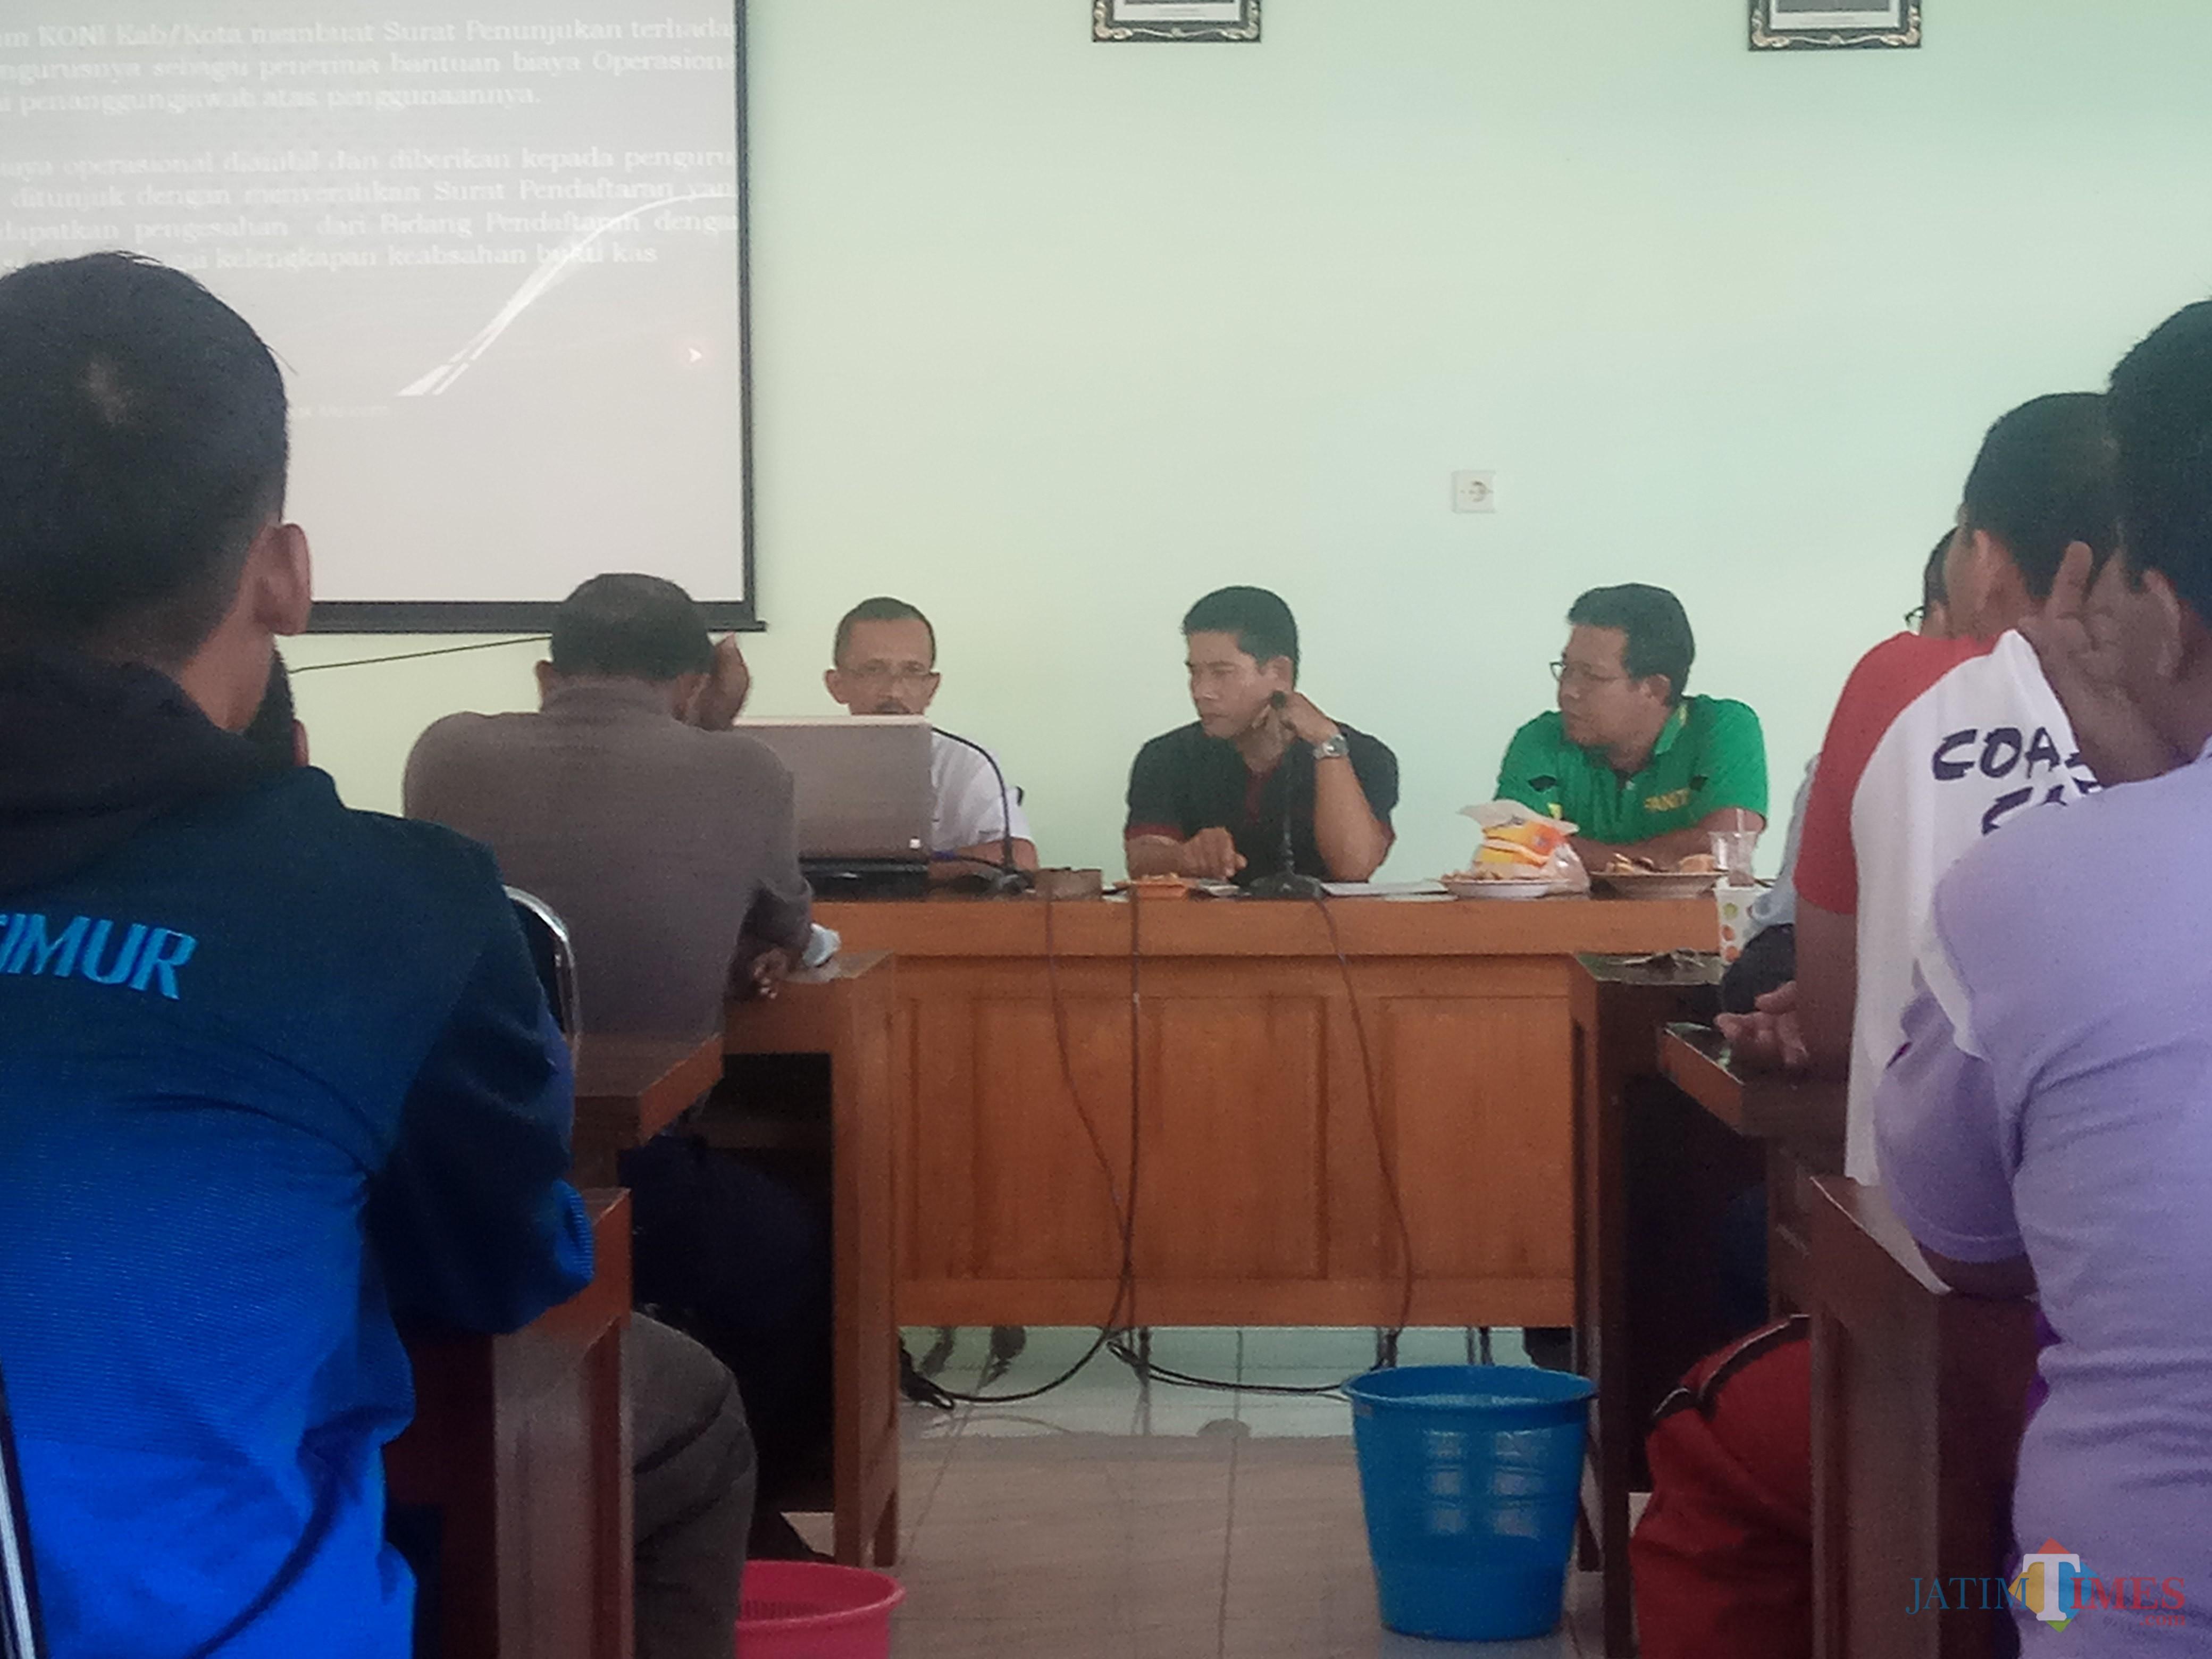 Pengurus Koni Banyuwangi saat rapat memutuskan tidak ikut Porprov 2019